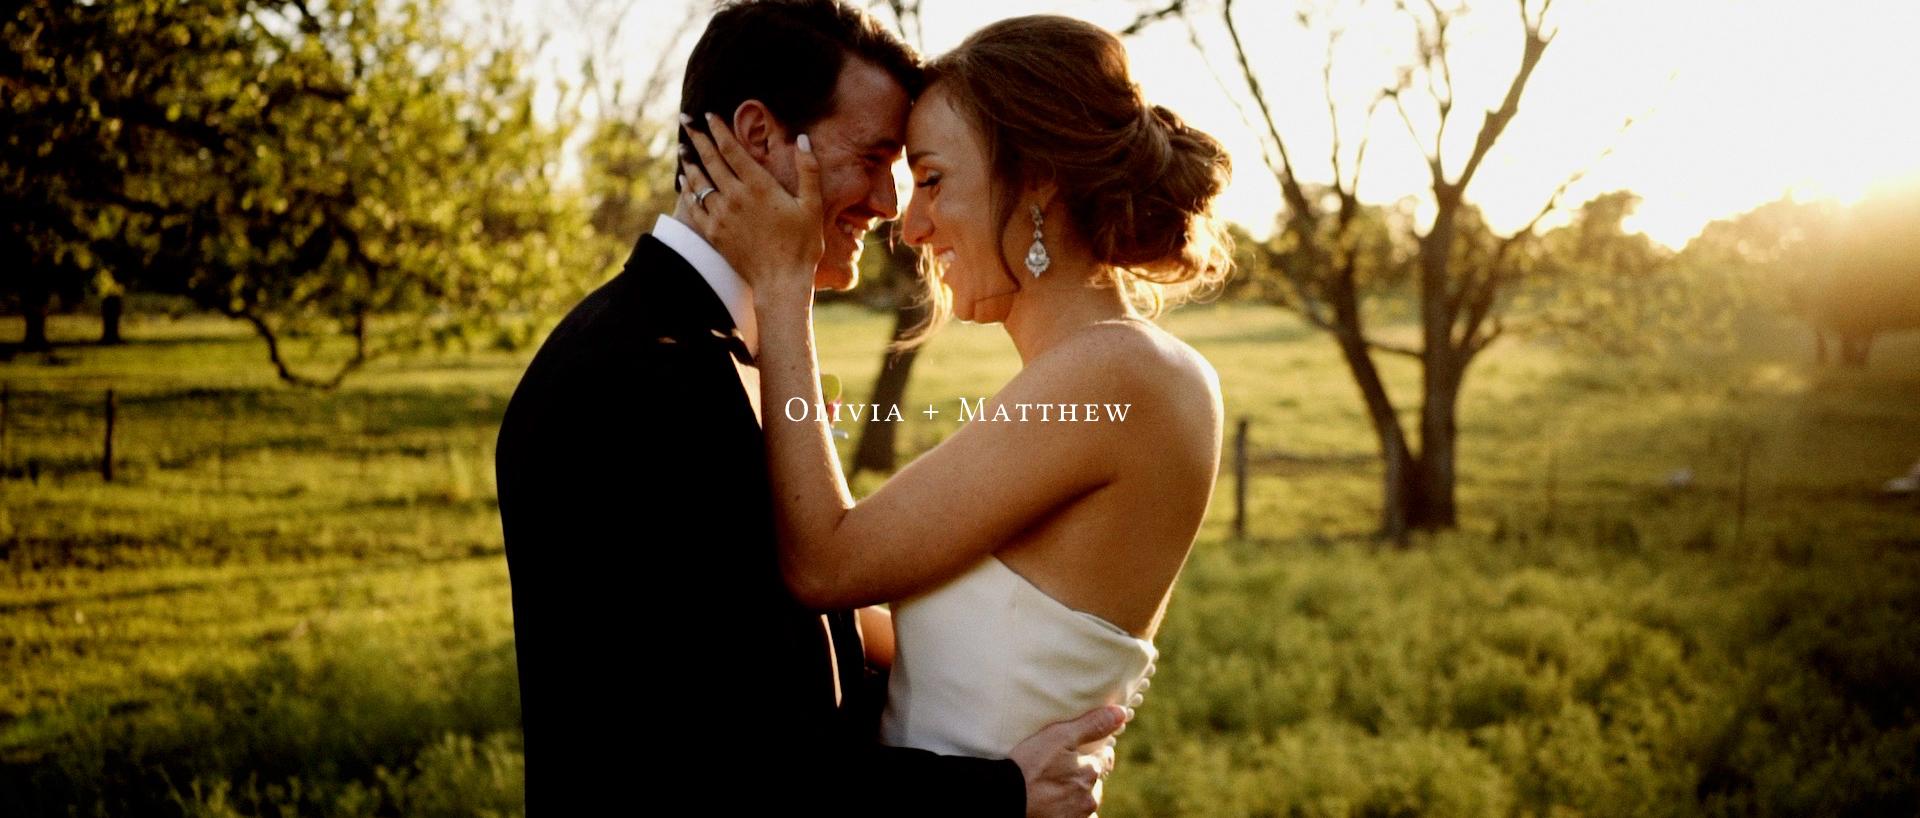 Olivia-and-Matthew.jpg